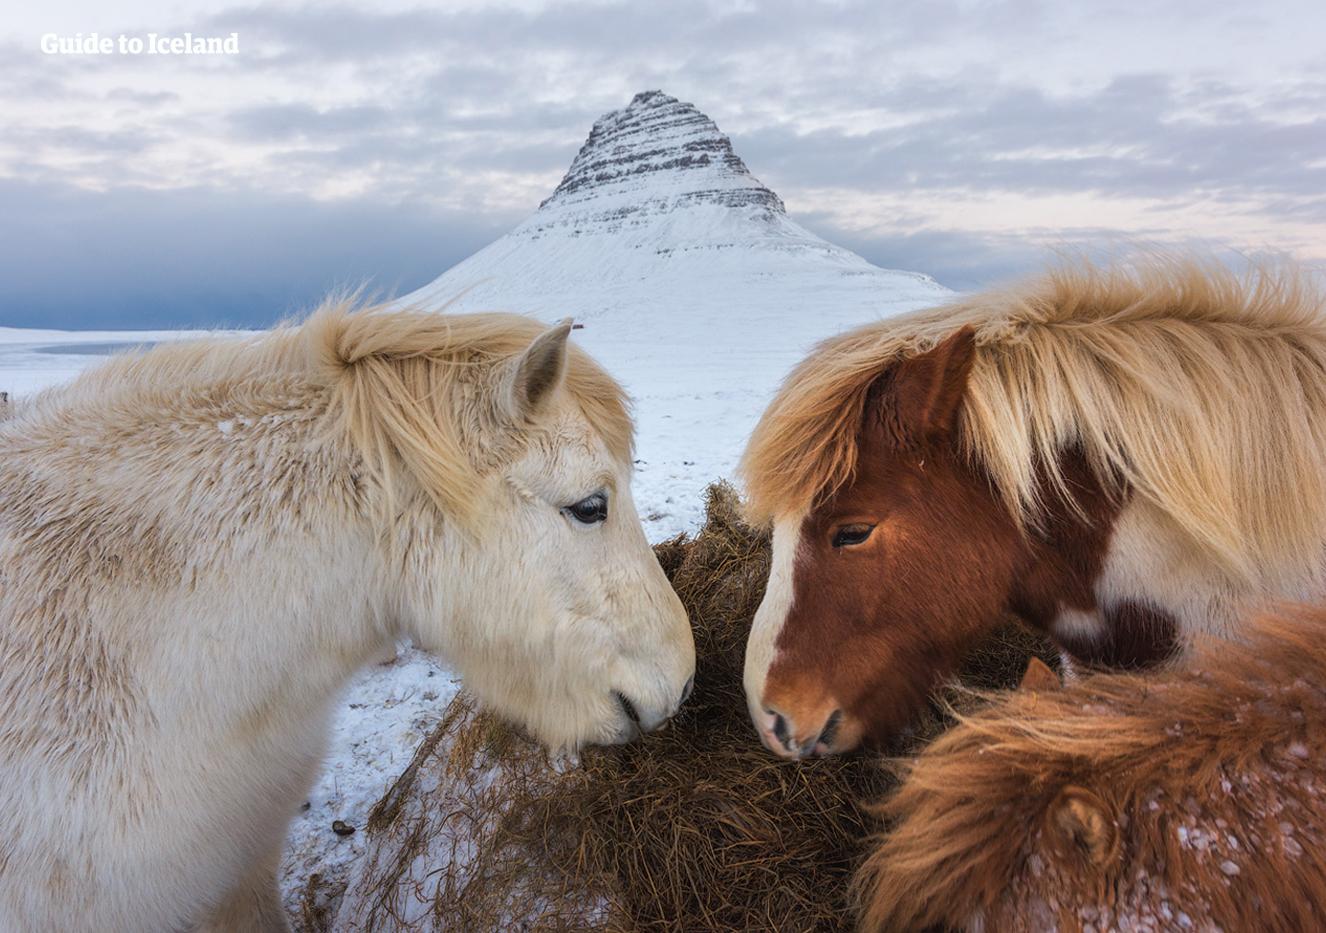 Исландские лошадки и знаменитая гора Киркьюфетль.